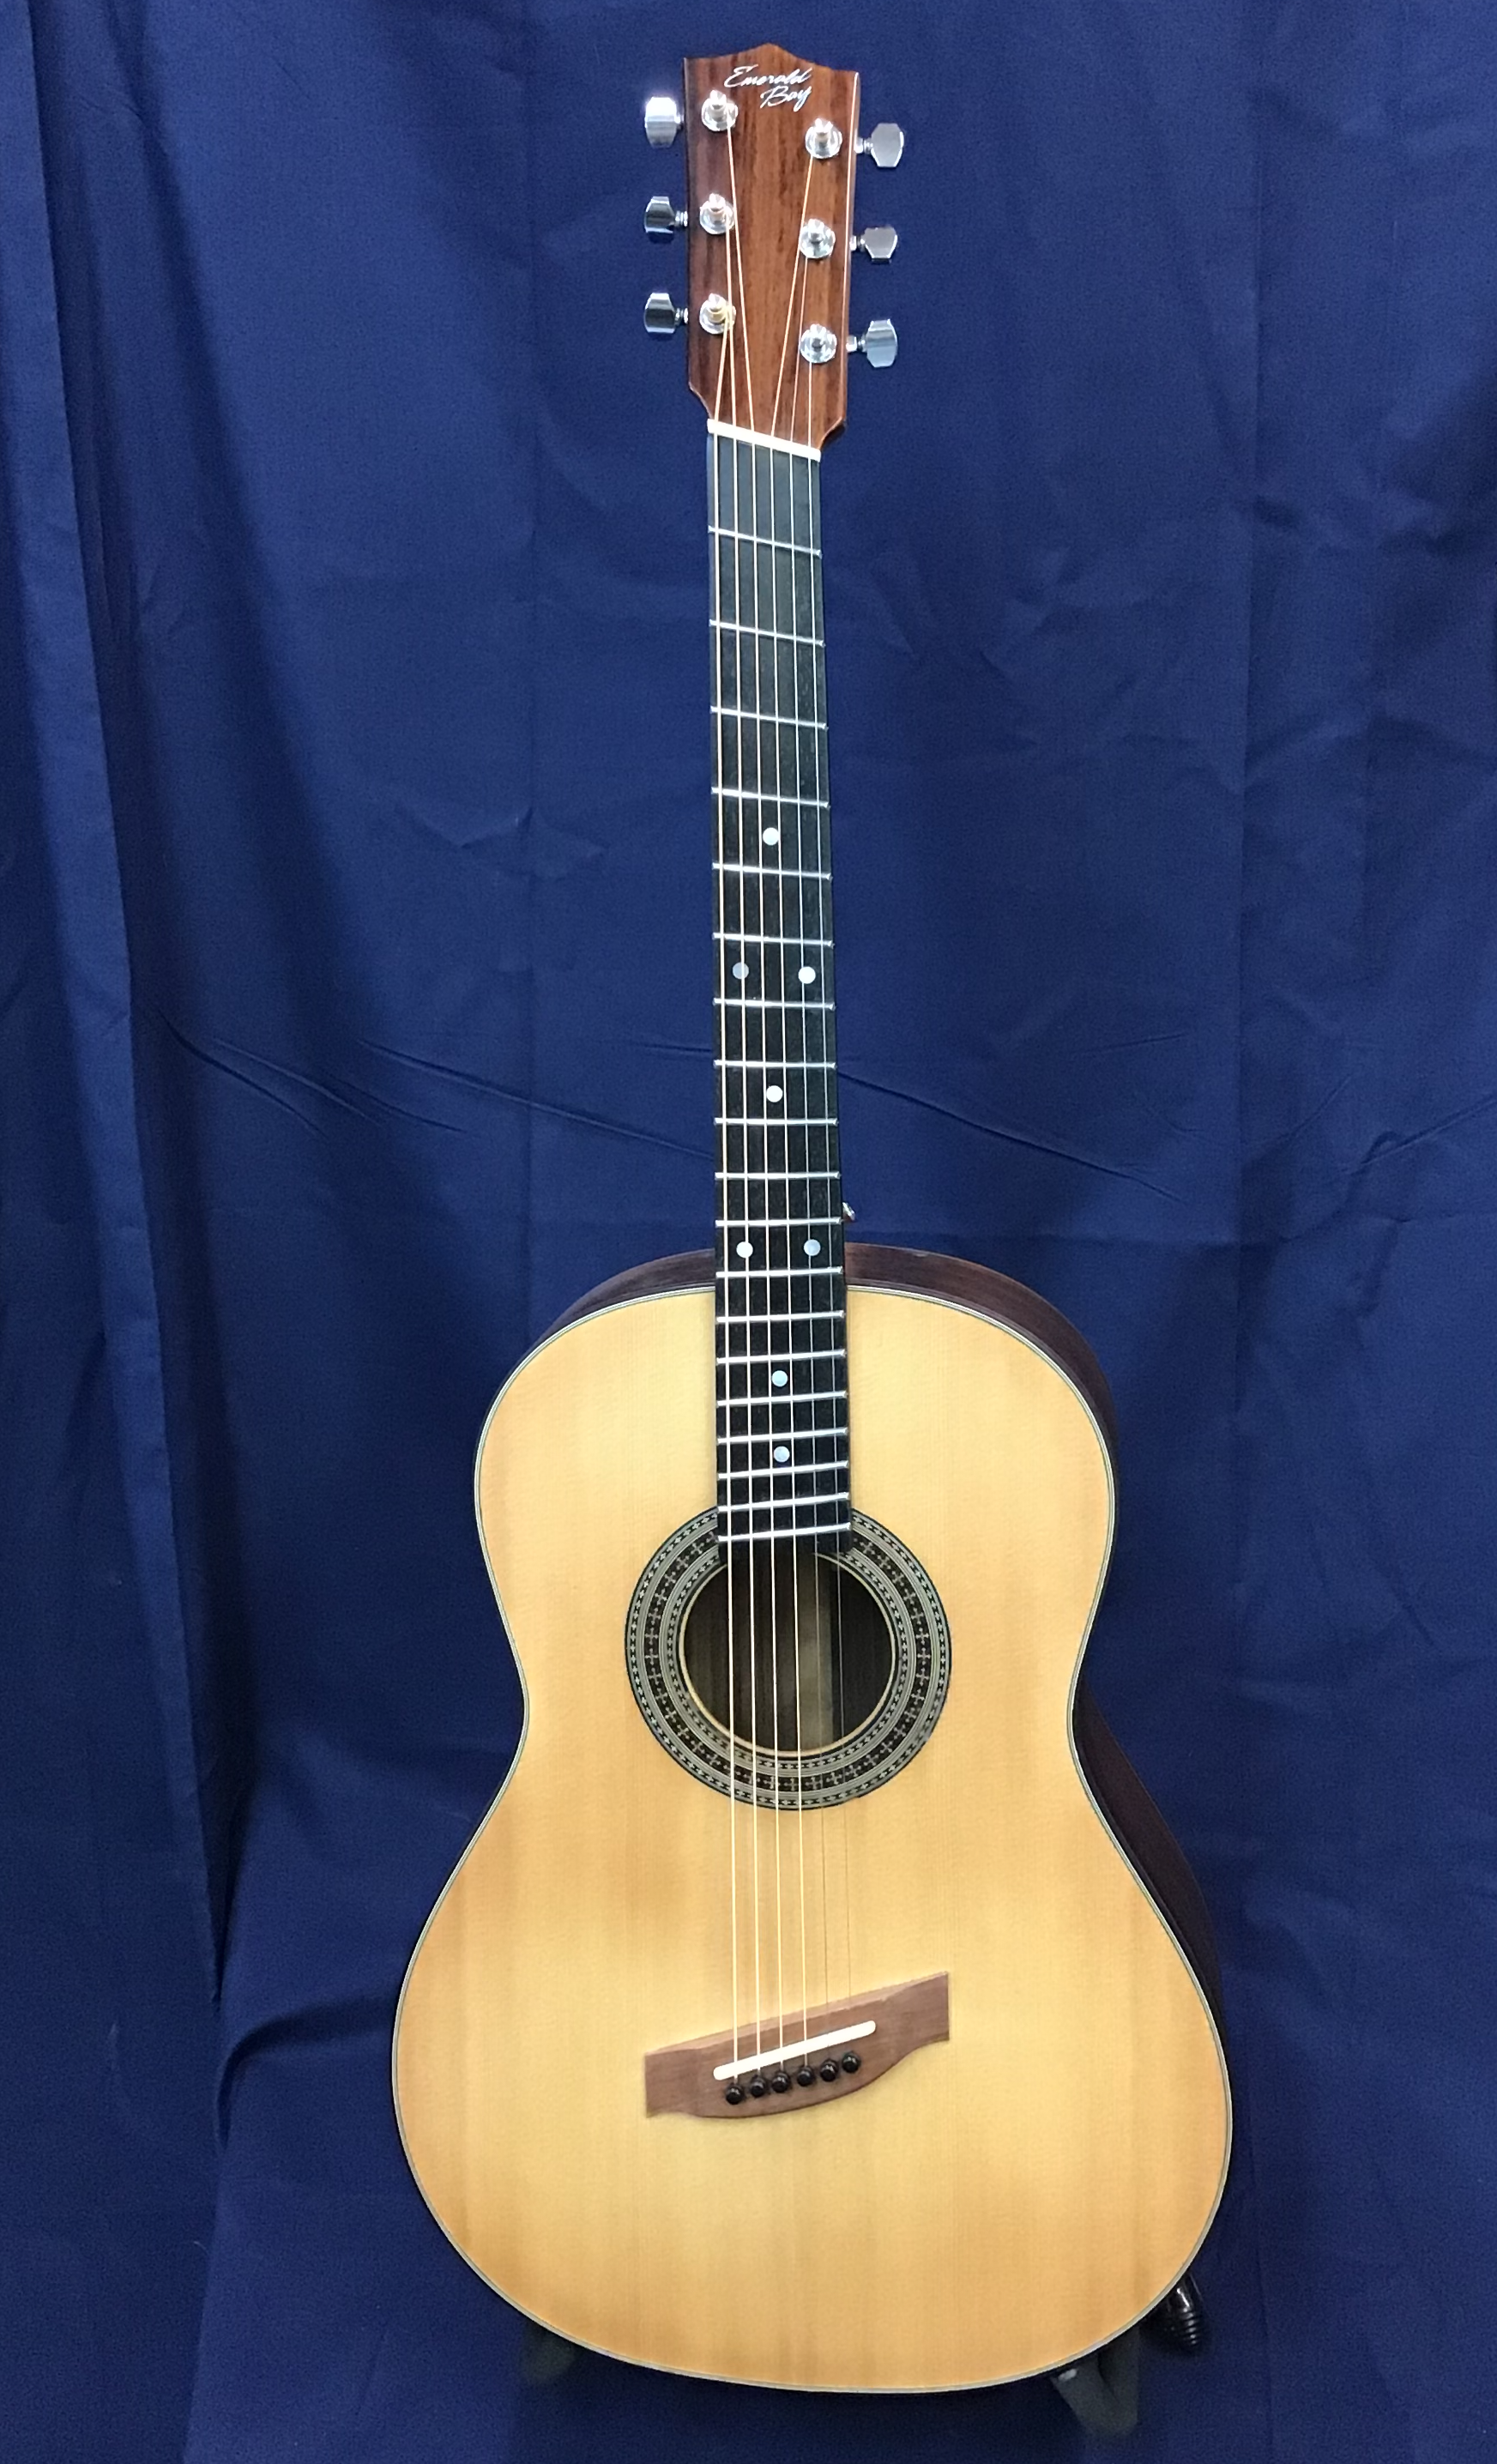 Parlor Fanfret Guitar.png